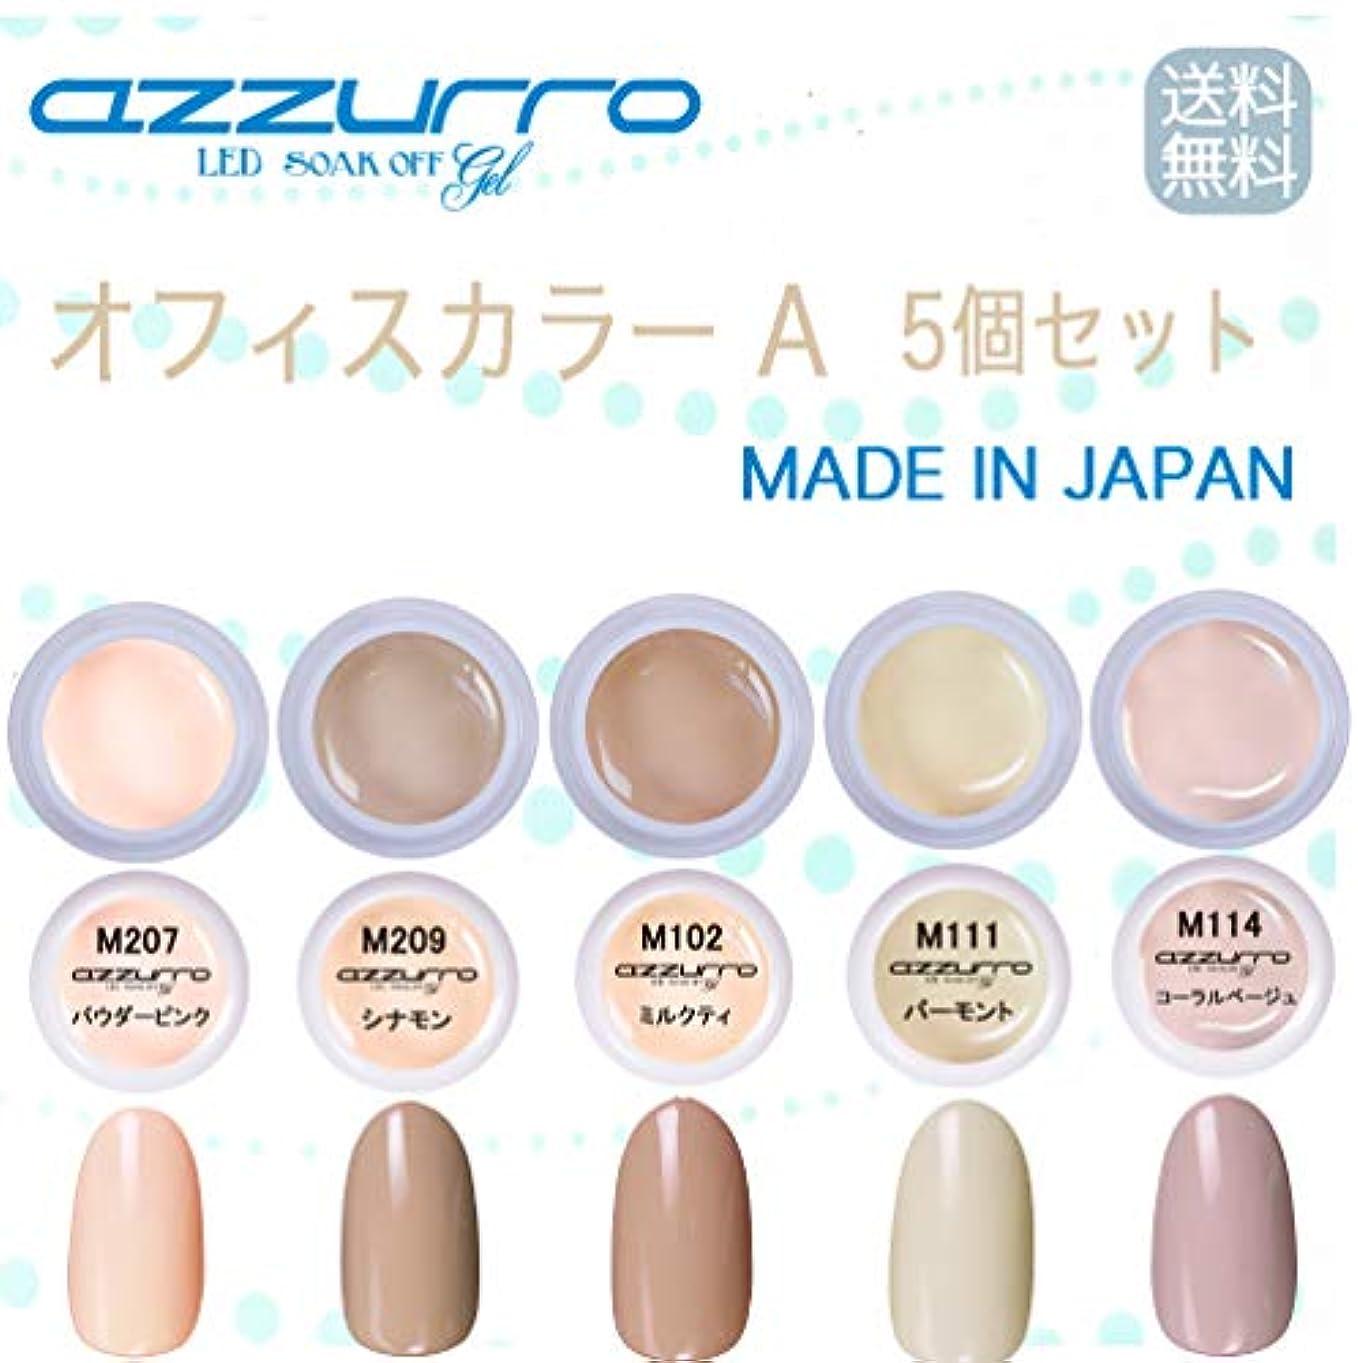 土器校長発症【送料無料】日本製 azzurro gel オフィスカラージェルA5個セット オフィスでも人気のカラーをセット